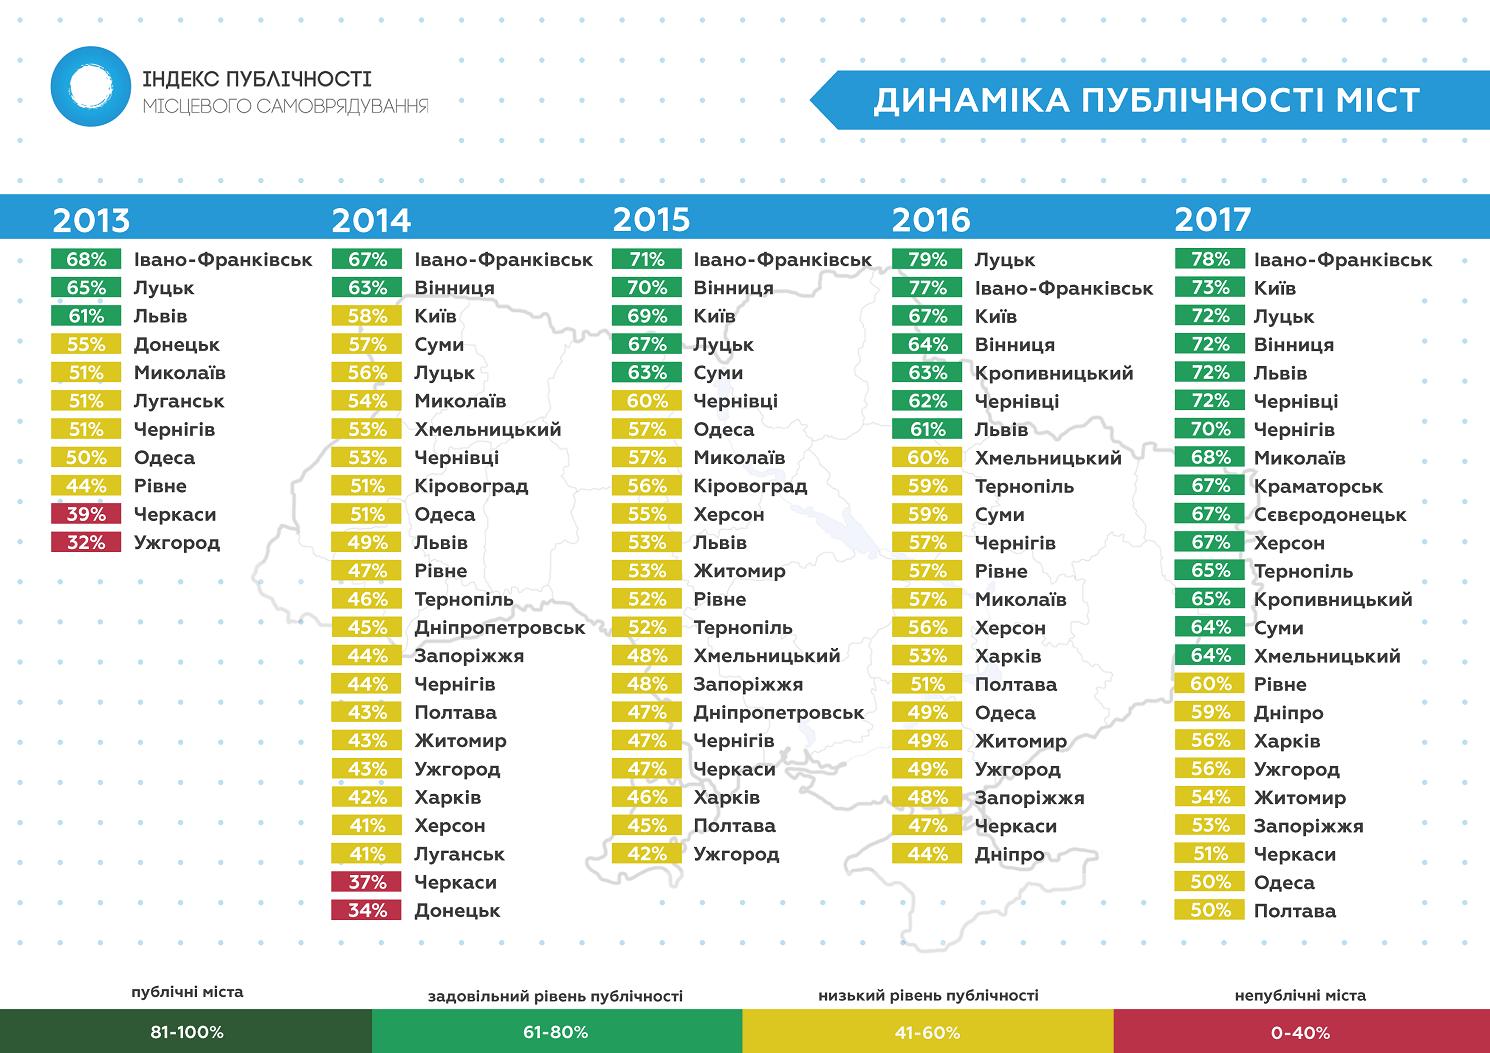 Dynamika-Index